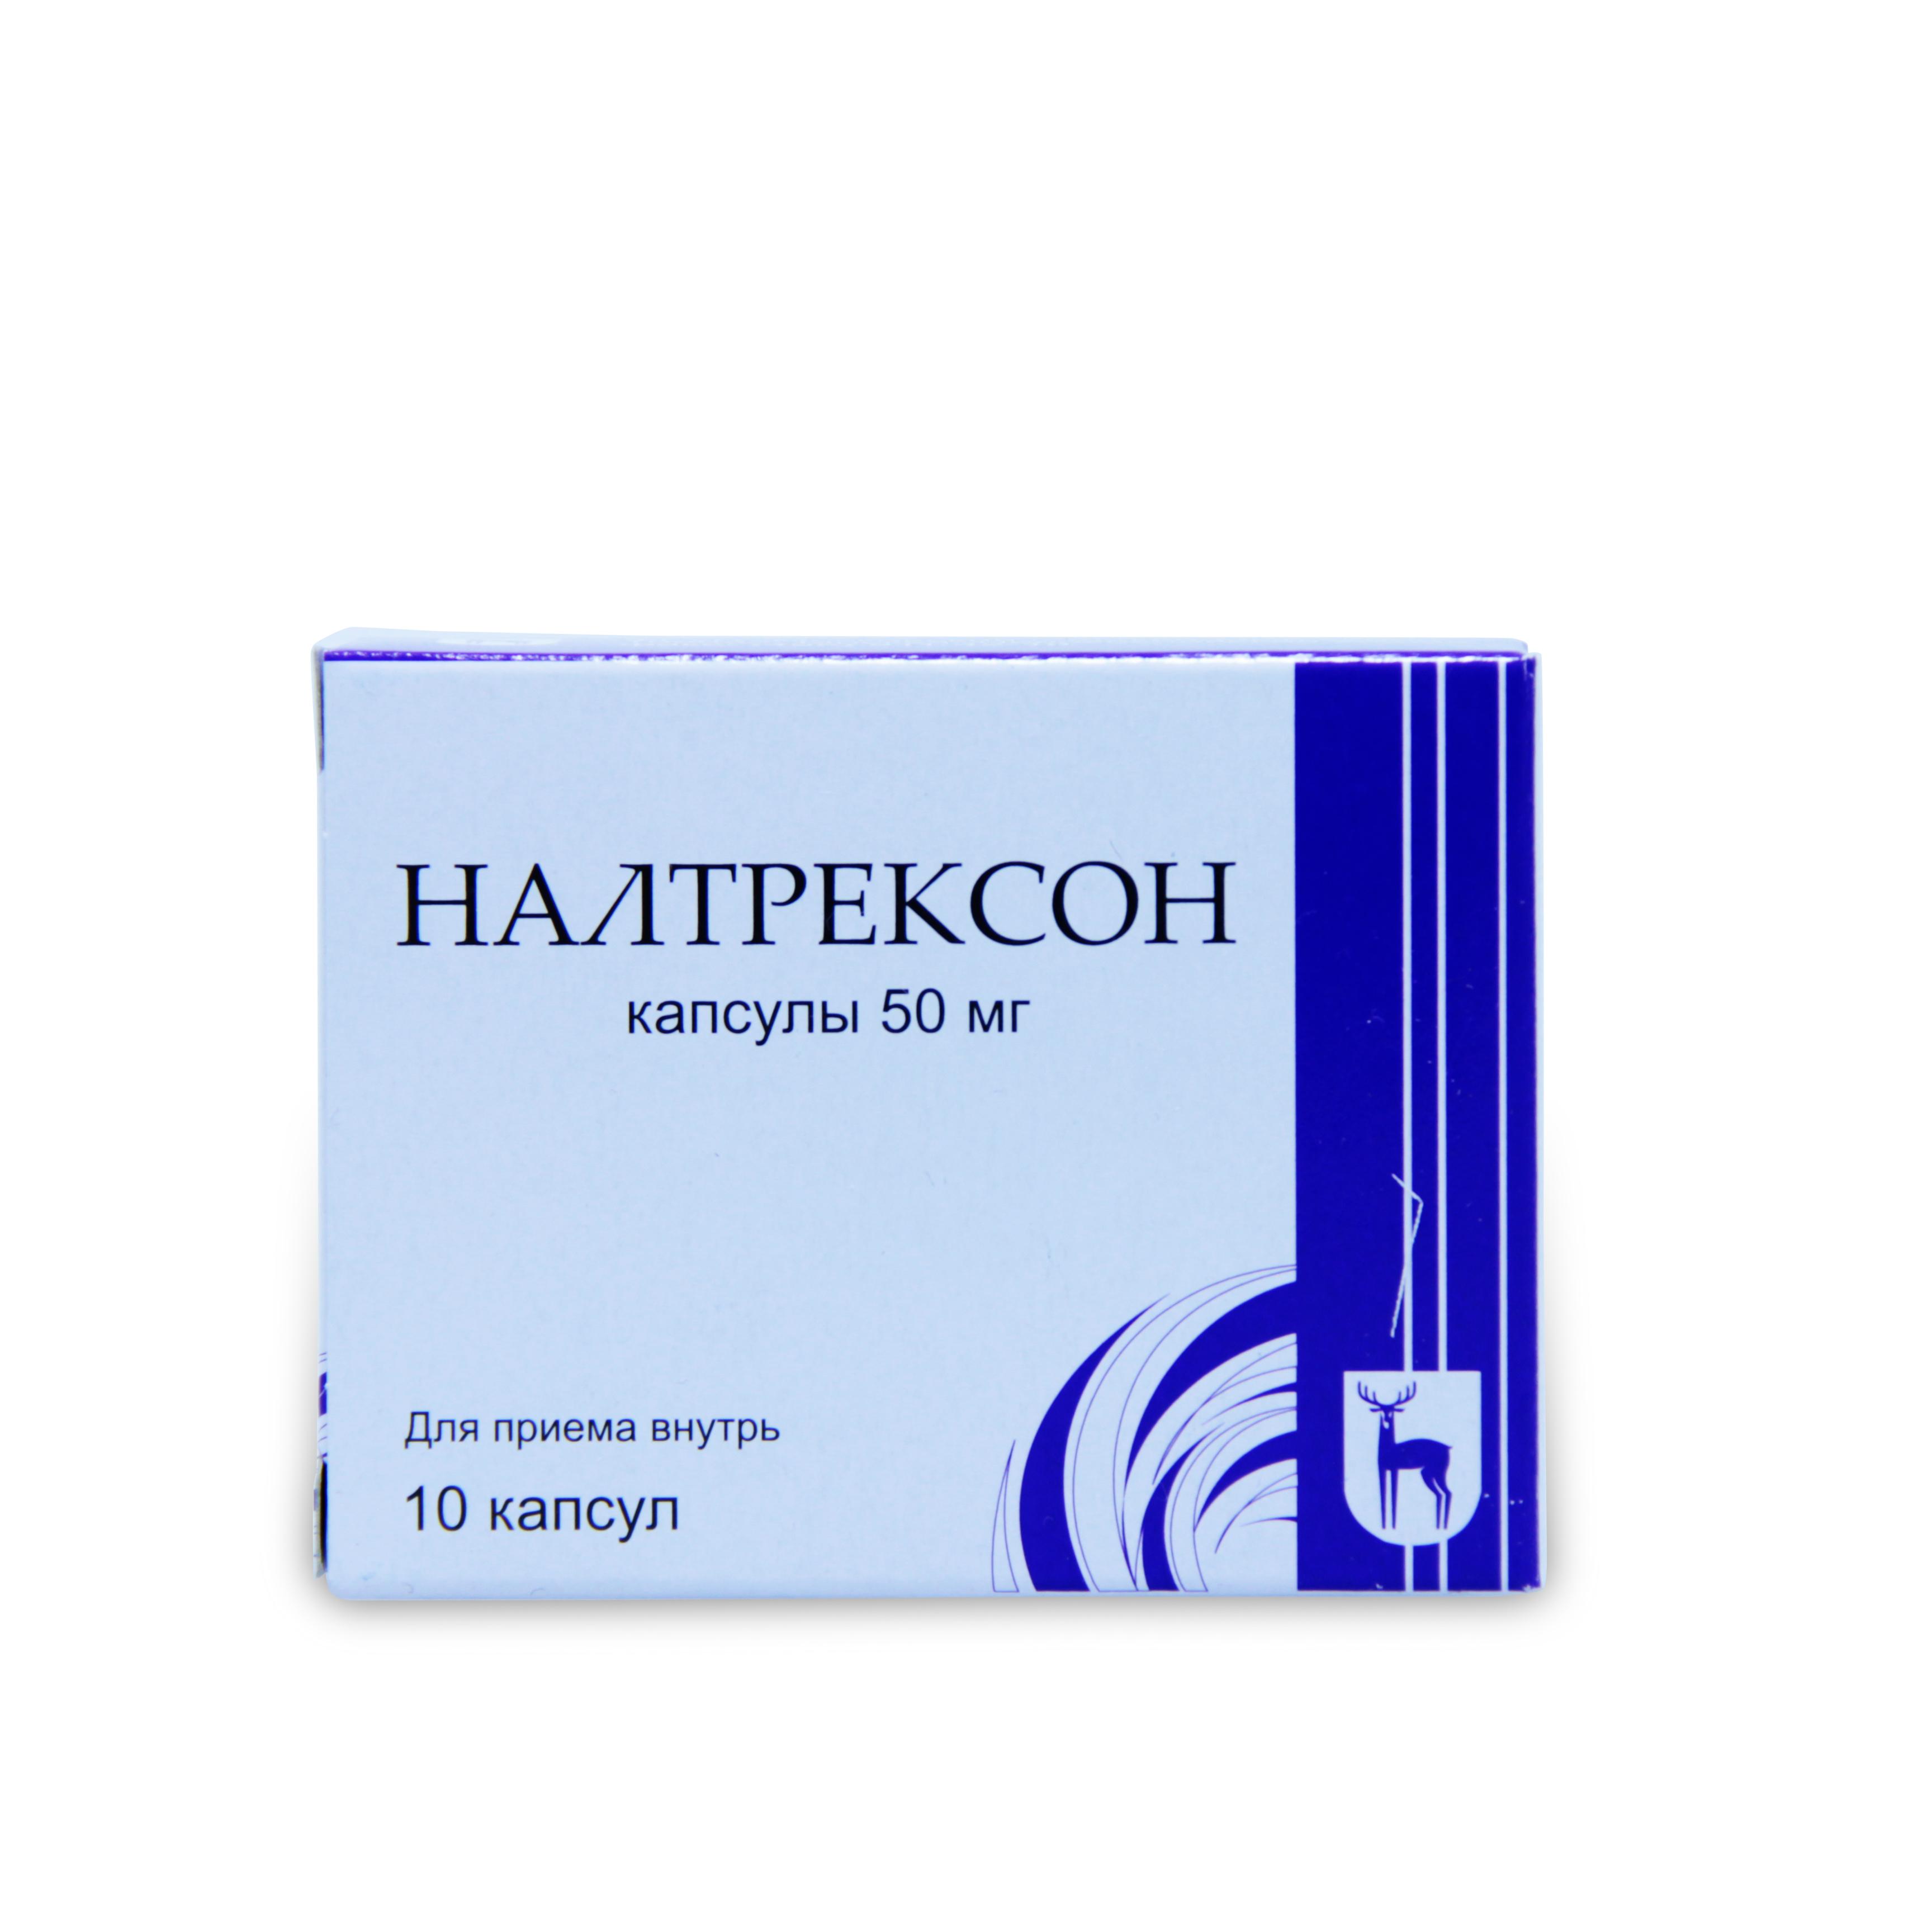 Налтрексон — надежное лекарство от алкоголизма